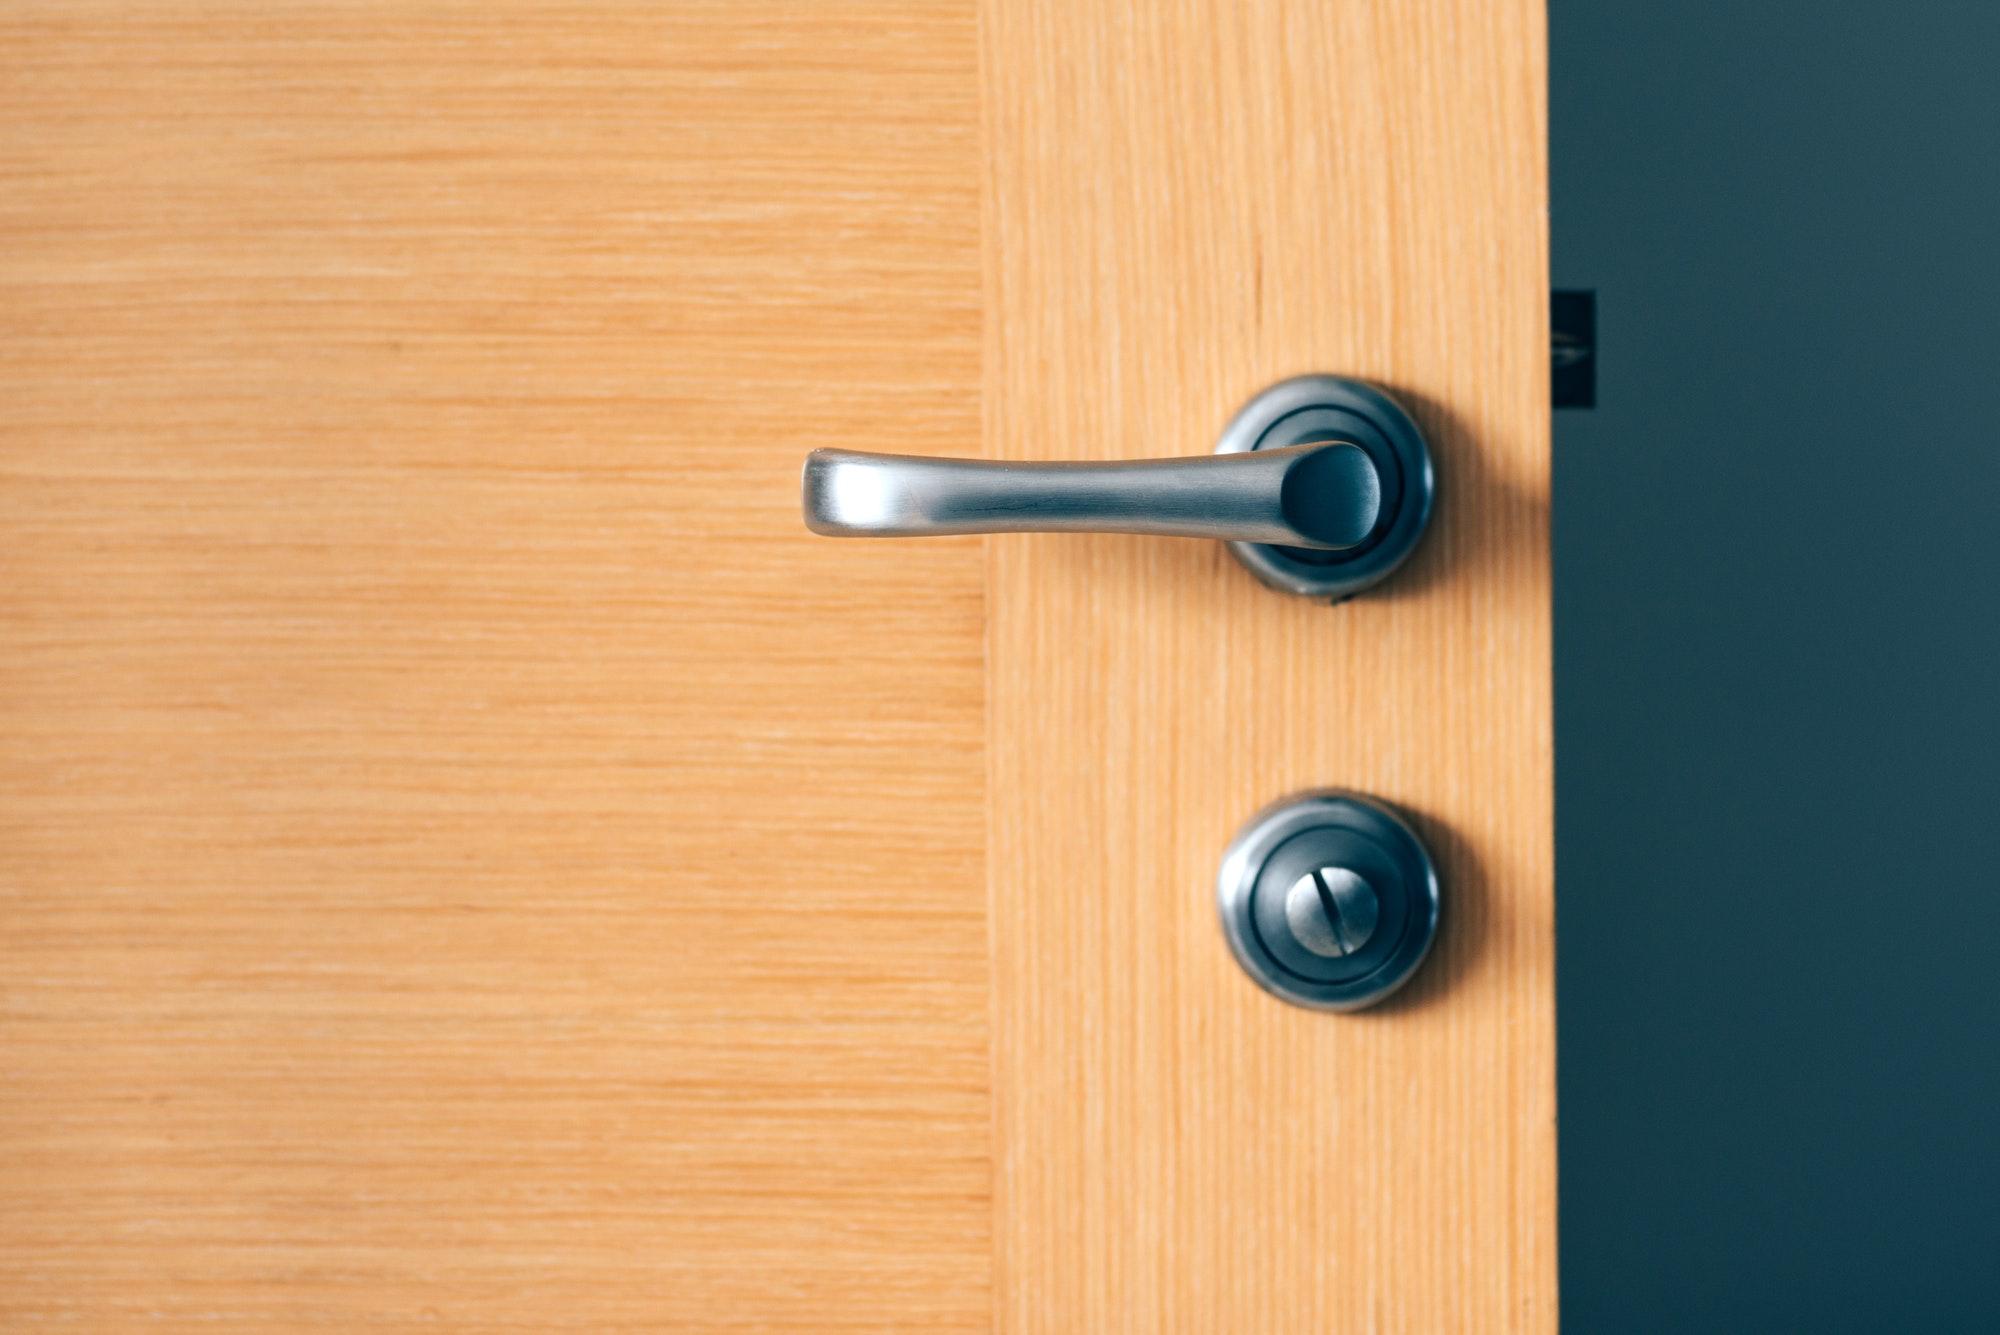 Detail of modern interior door